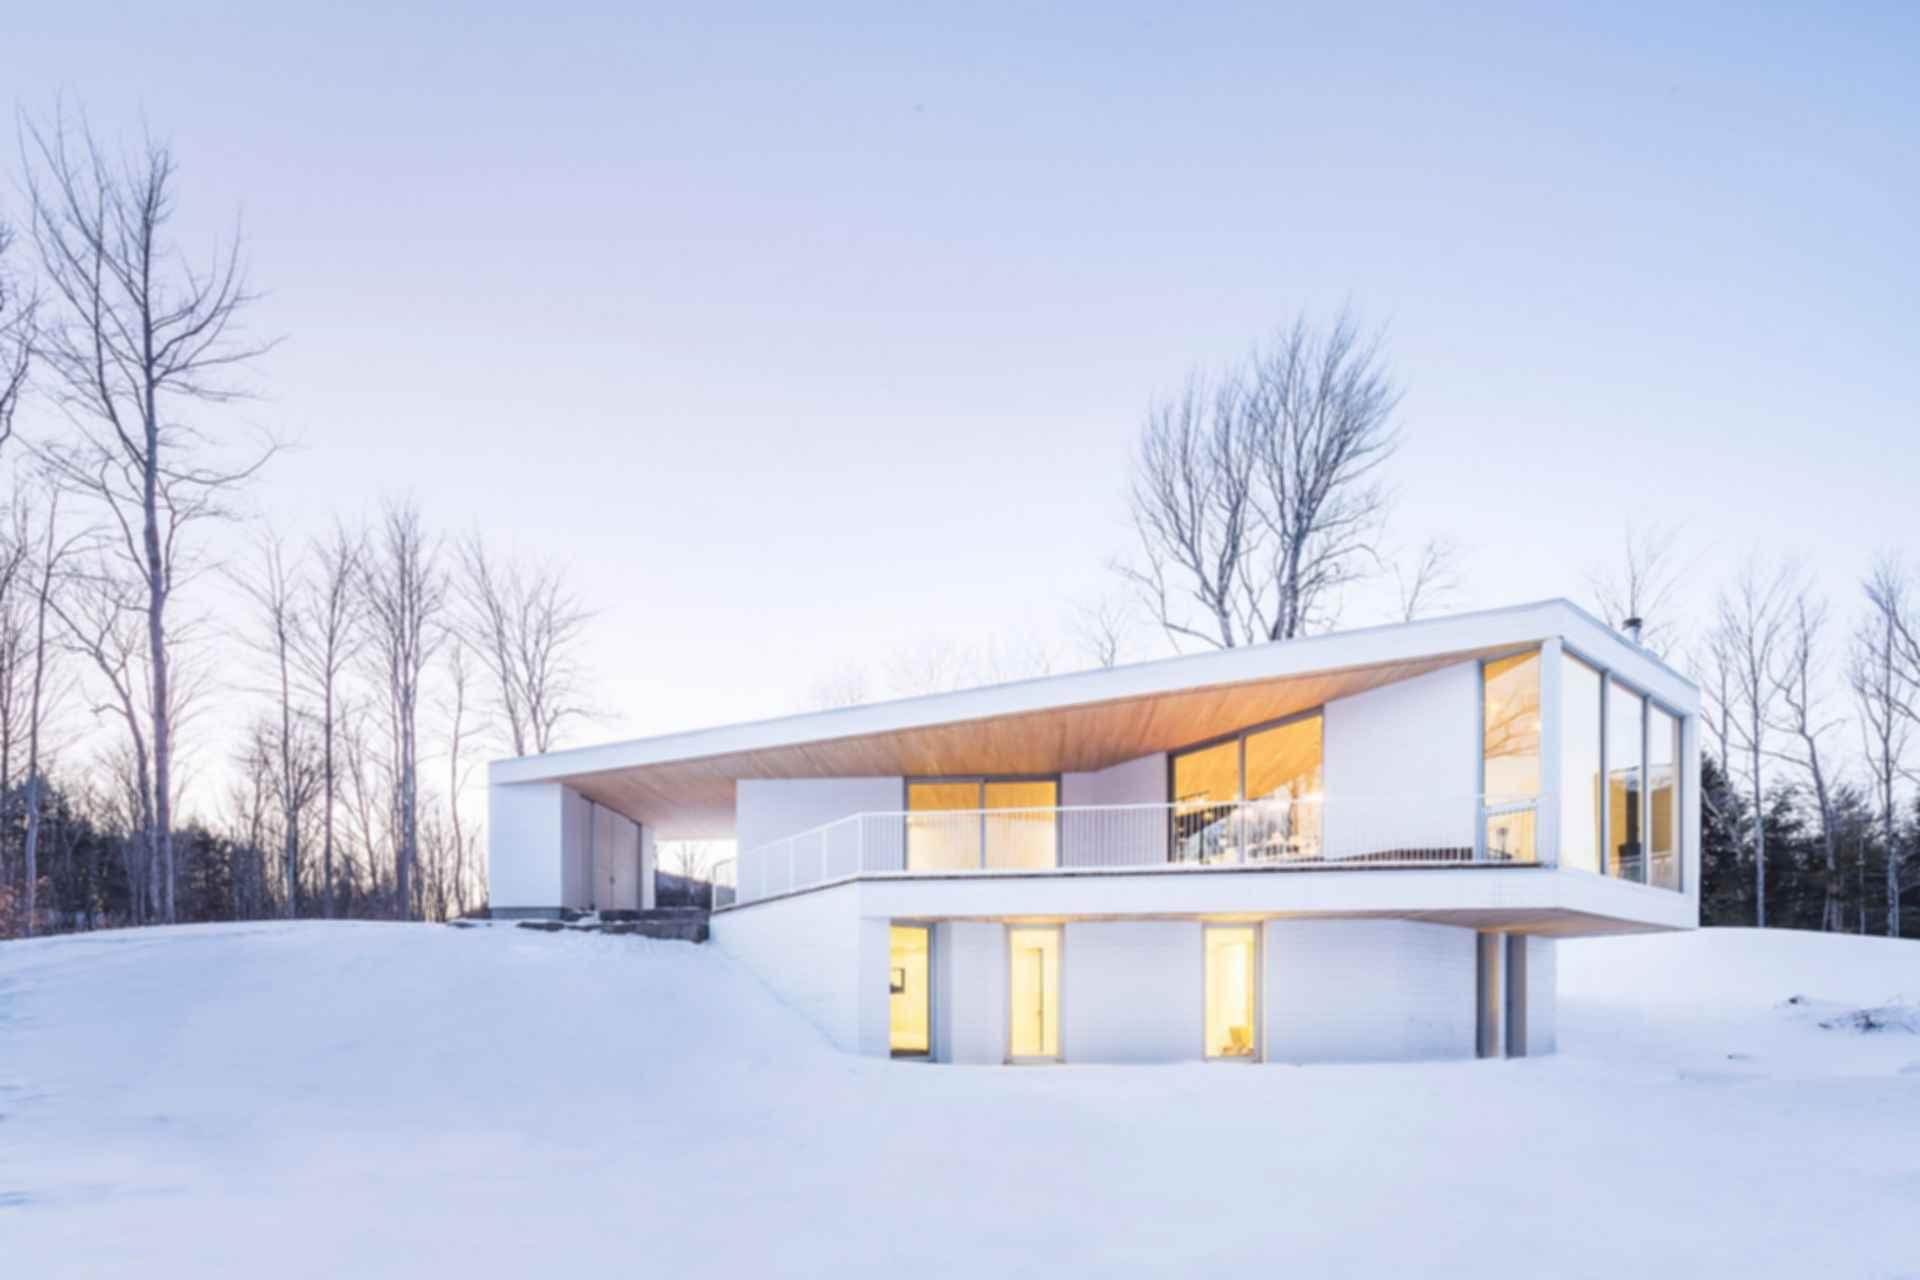 Nook Residence - Exterior/Landscape